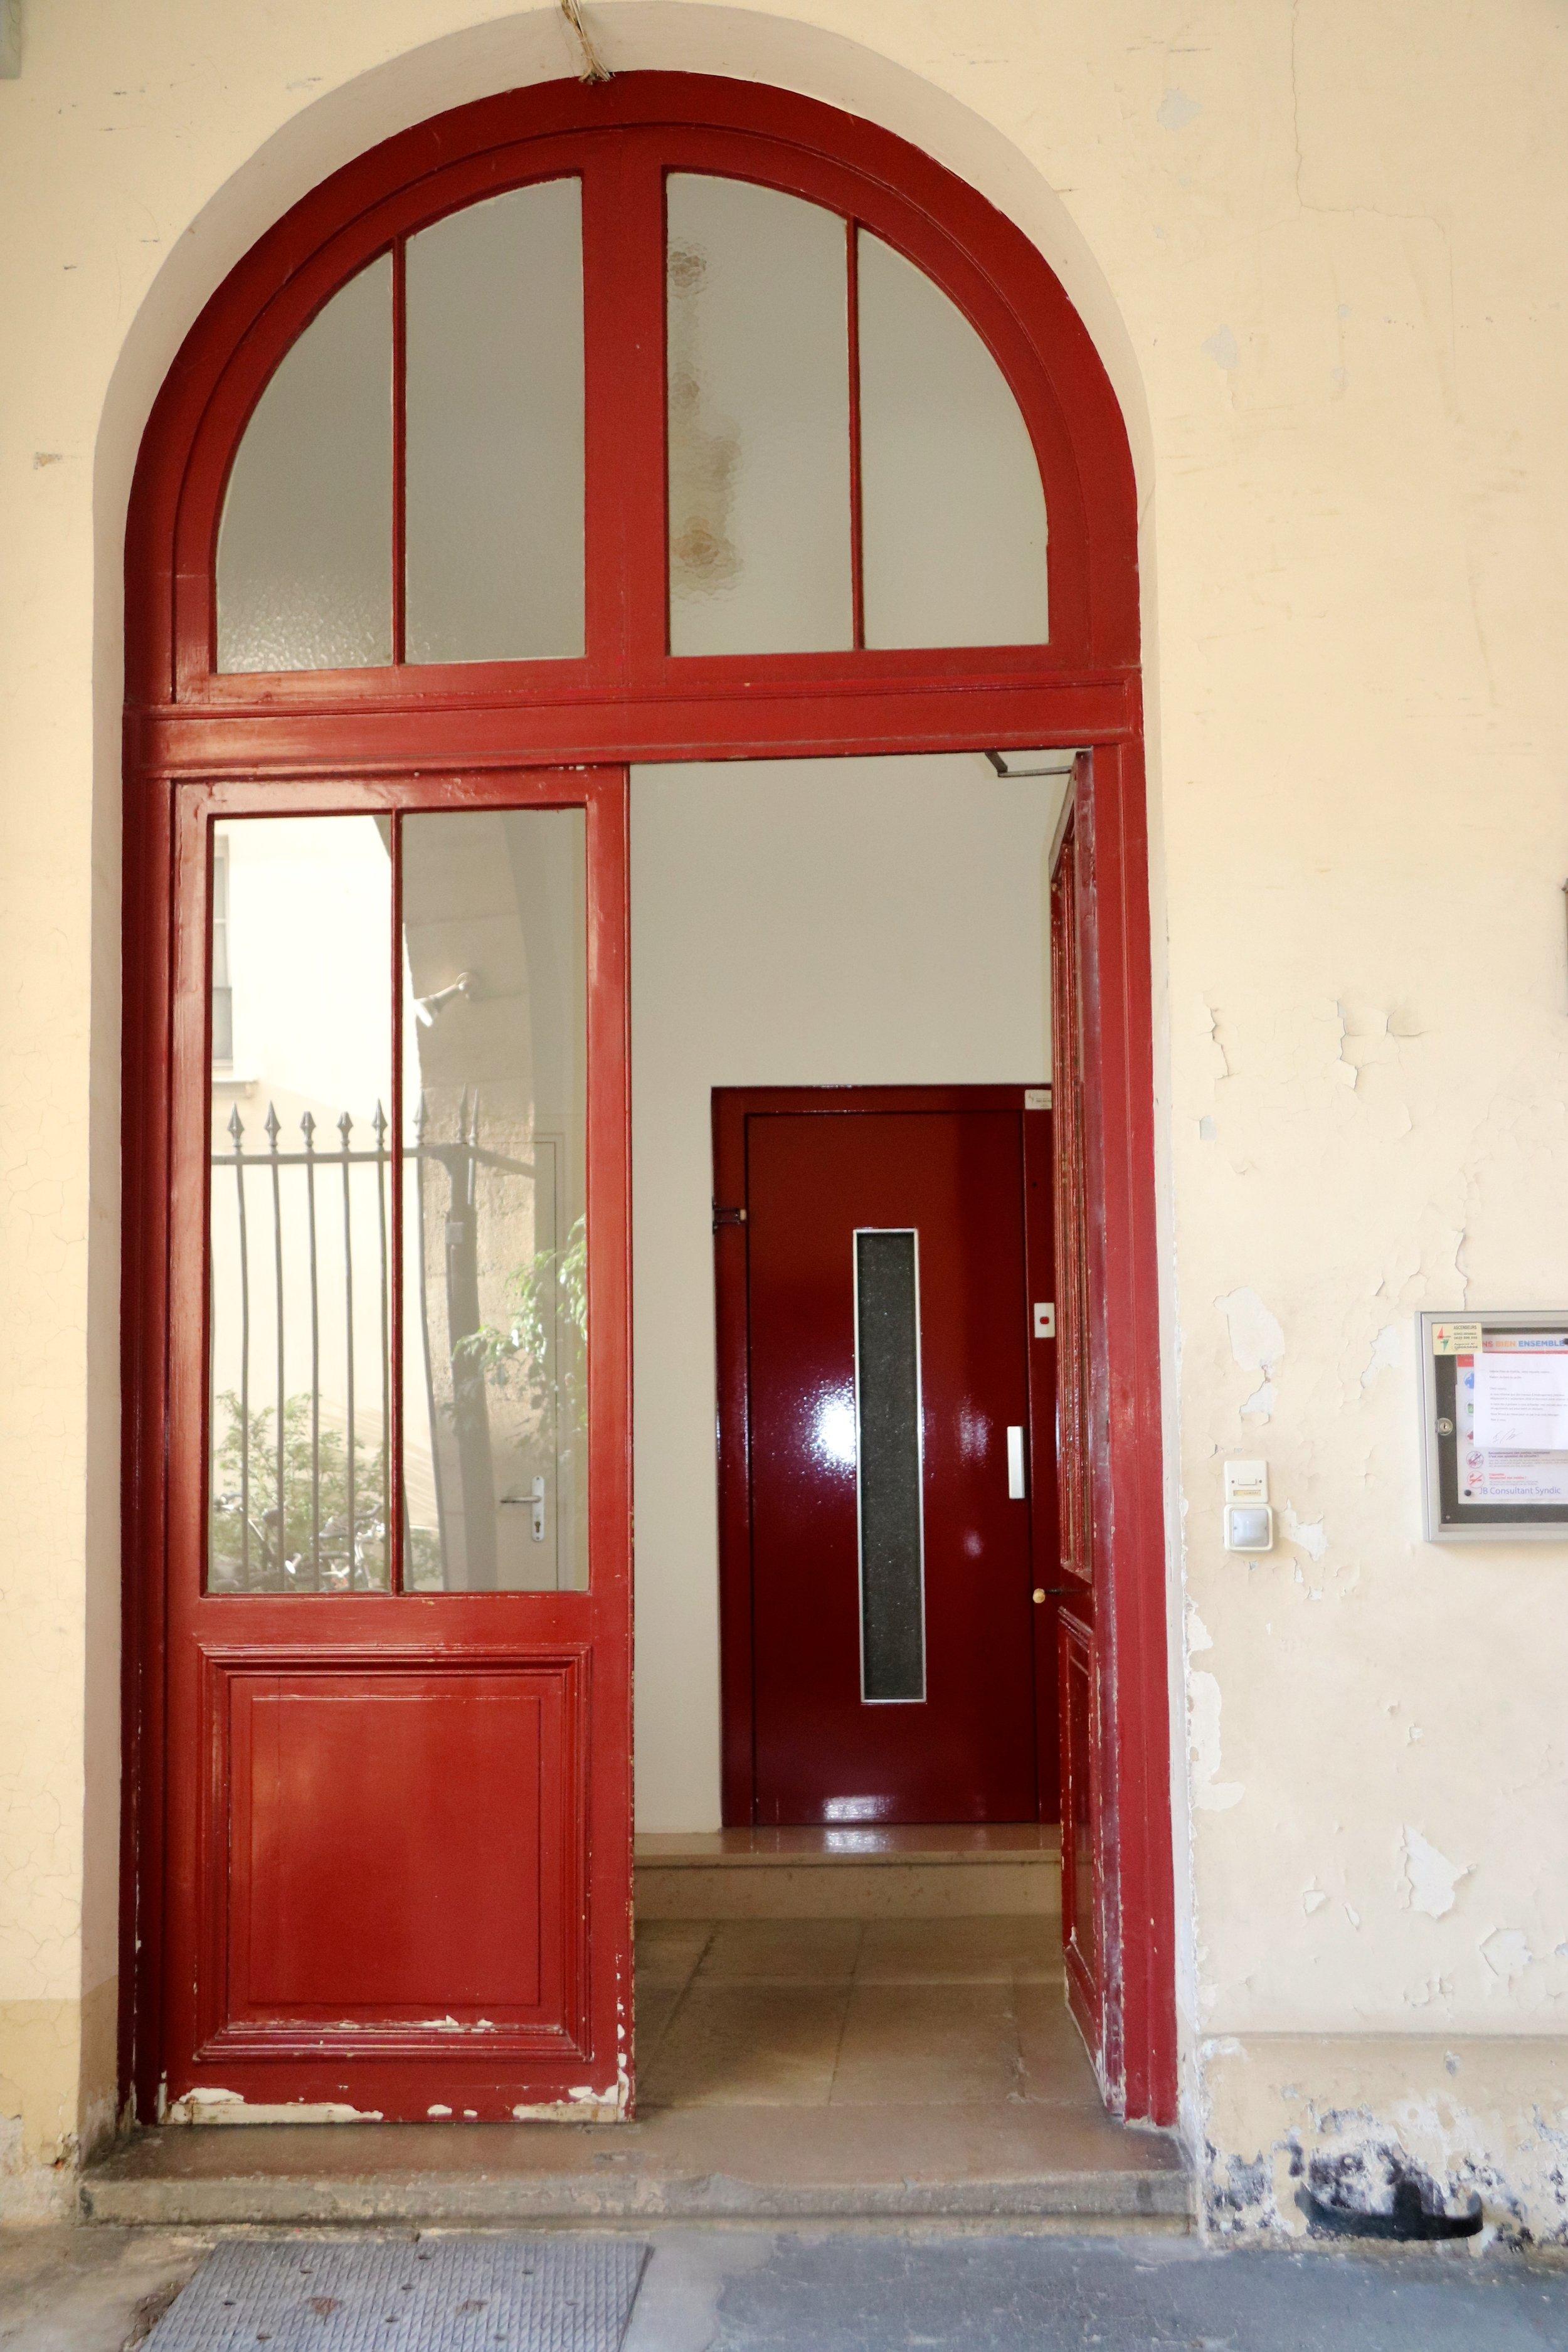 Door into the stairway